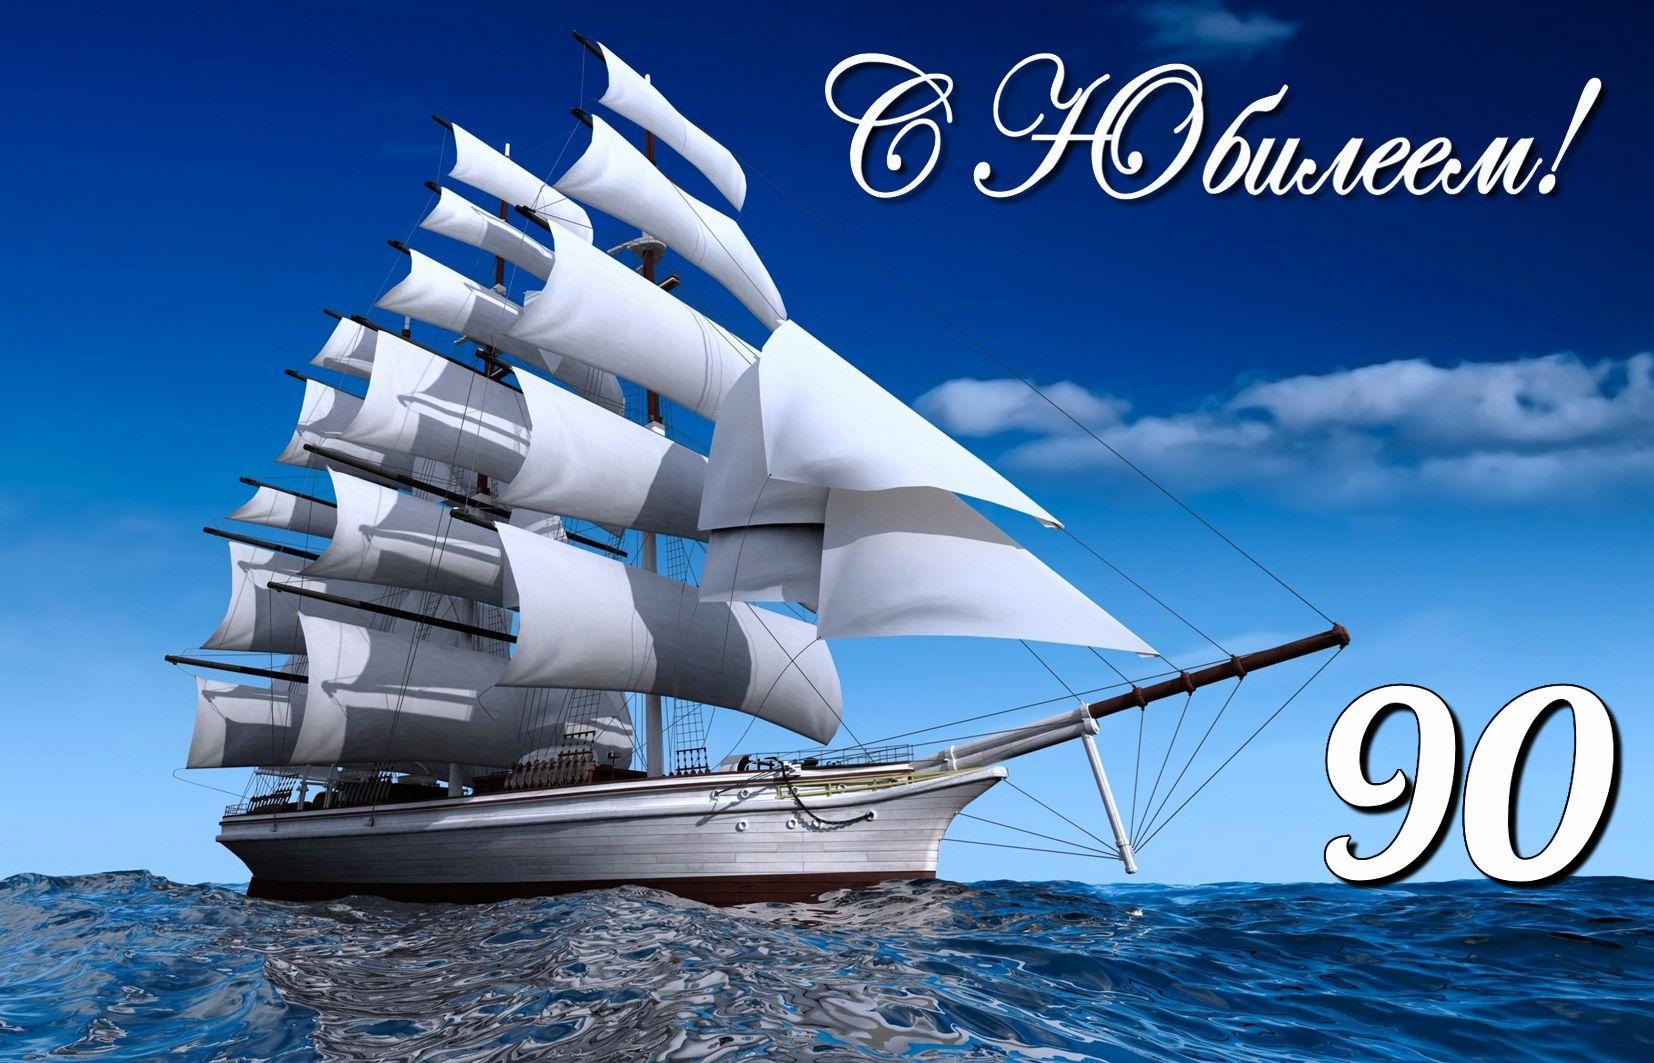 Открытка с красивой яхтой в синем море на юбилей 90 лет